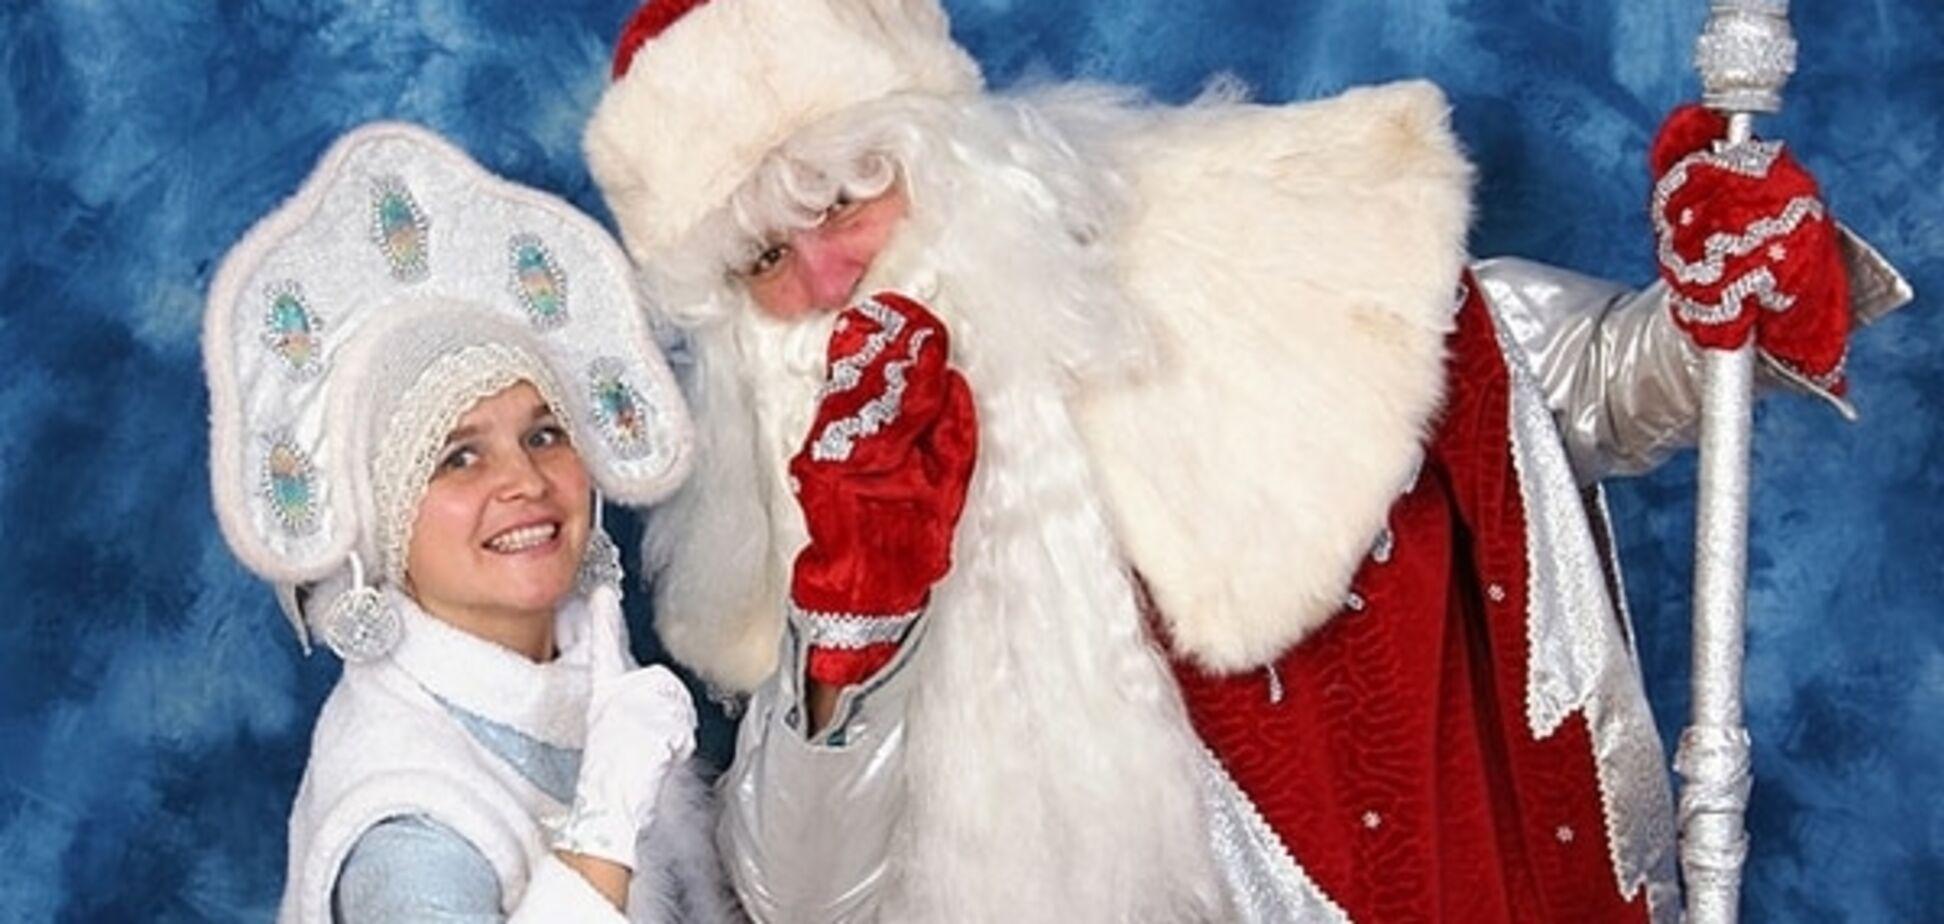 Геть совок! На Івано-Франківщині вирішили позбавитися від Діда Мороза та Снігуроньки